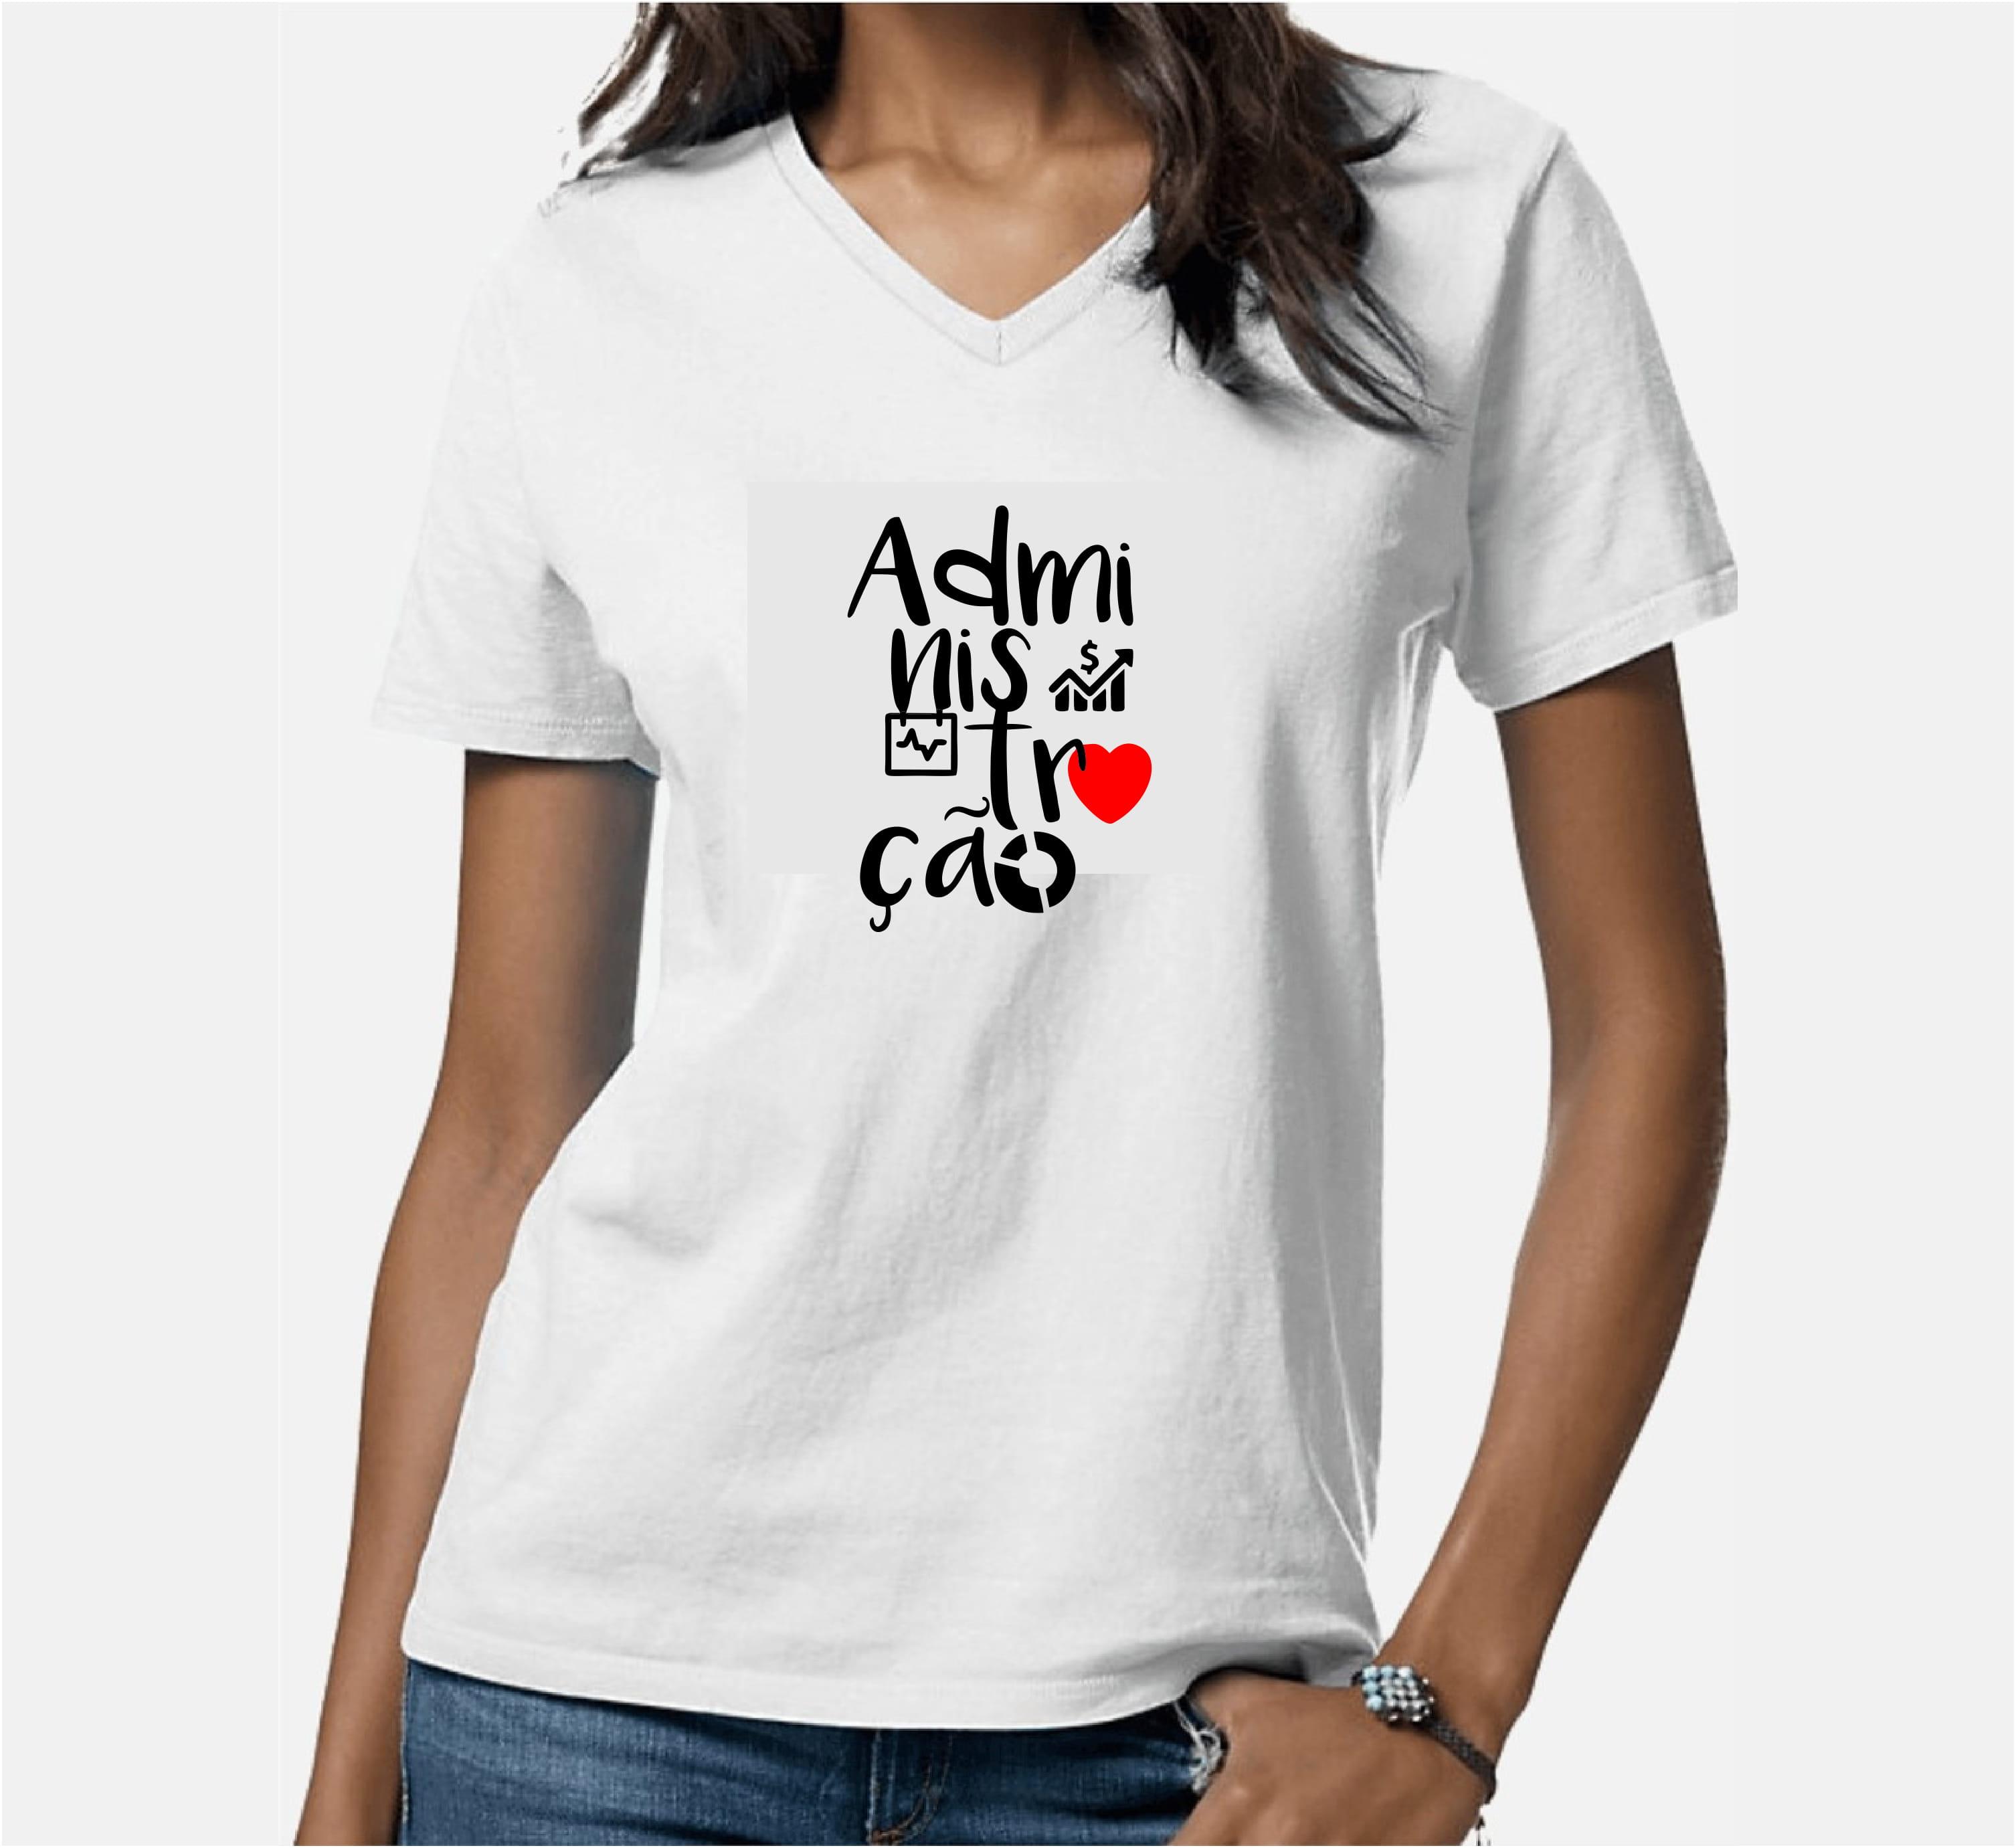 0f13936924 Camiseta Baby Look Curso Administração - ADM 2020 - Cekock A Marca ...